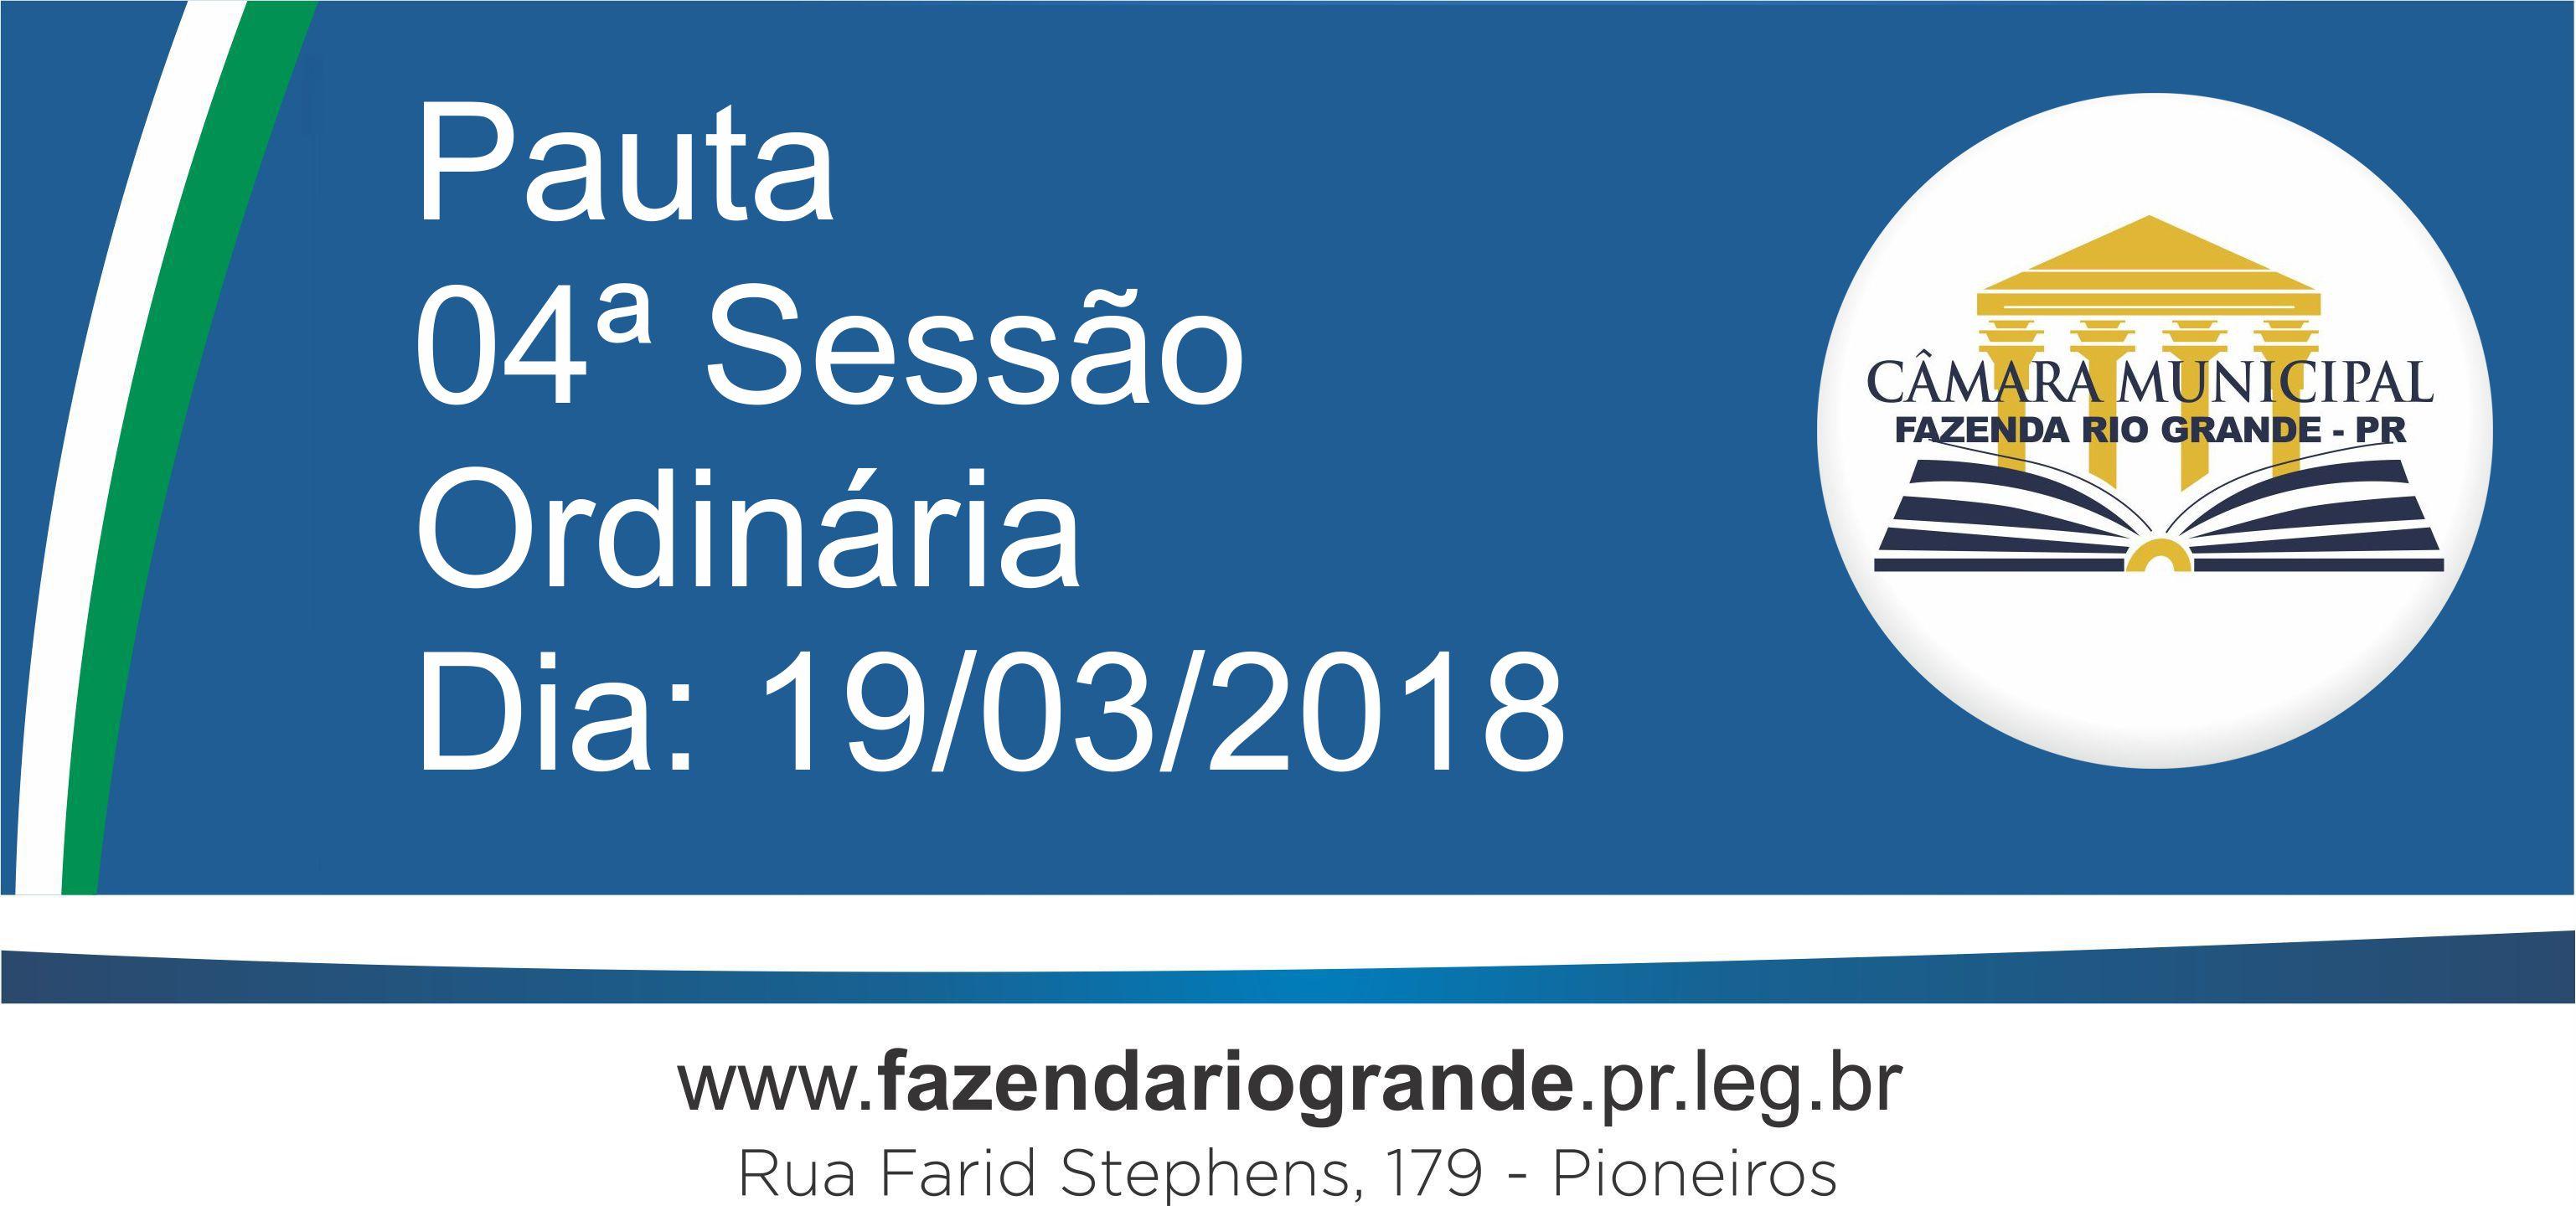 Pauta da 04ª Sessão Ordinária 19/03/2018